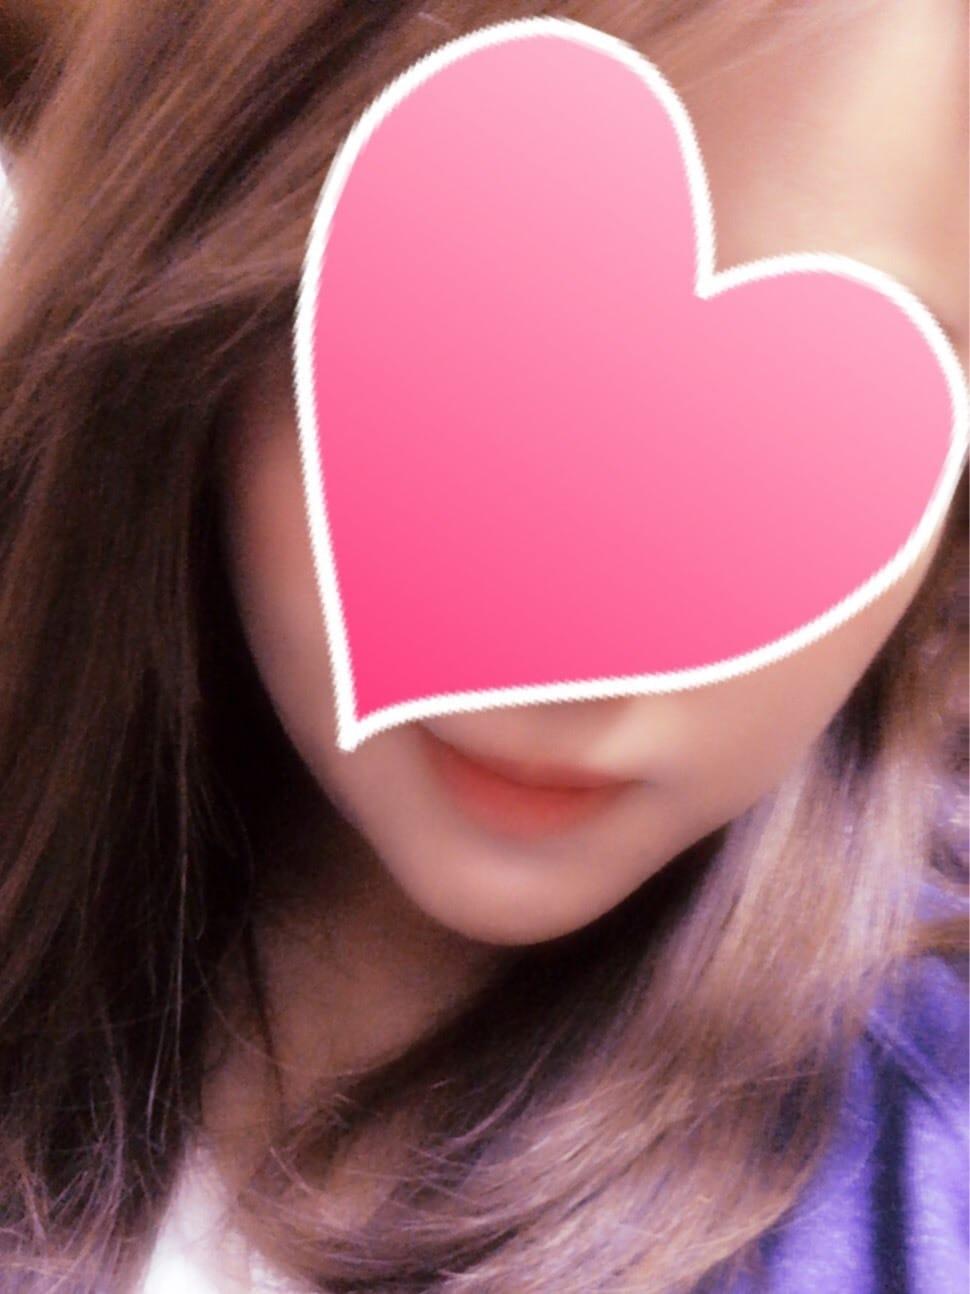 かな「かなです(*∩ω∩)」11/16(金) 19:20 | かなの写メ・風俗動画